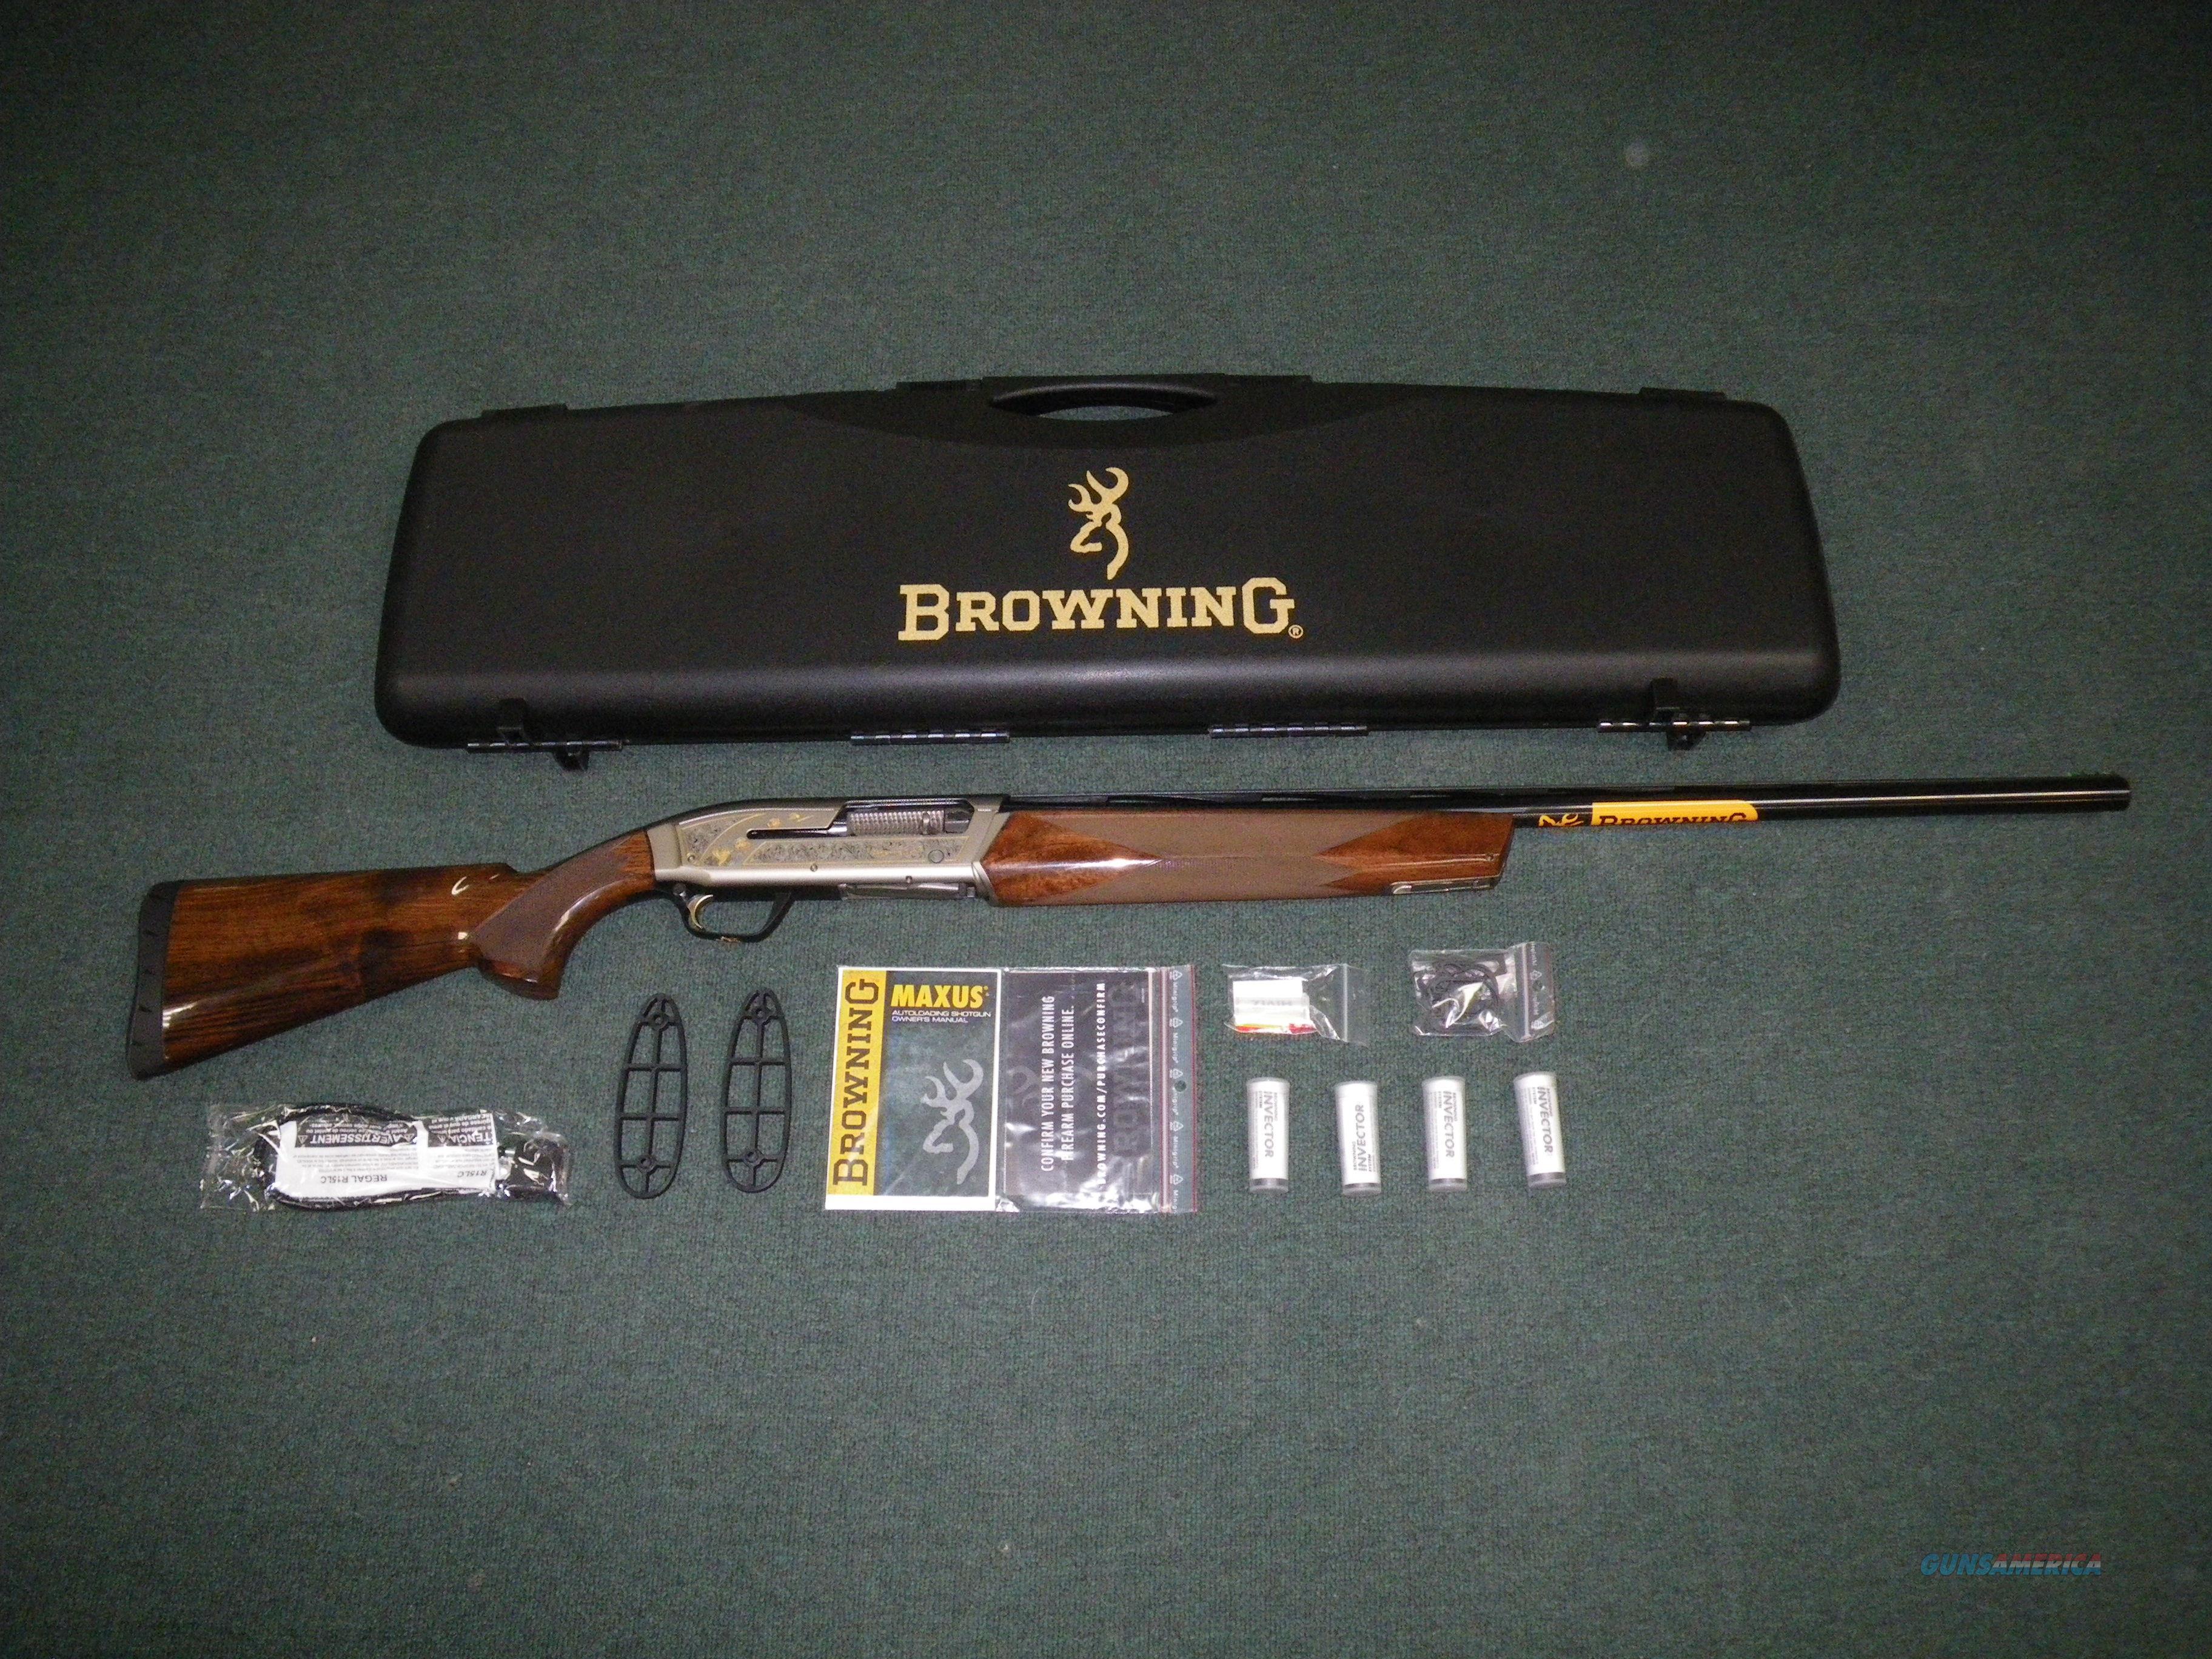 """Browning Maxus Sporting Golden Clays 12ga 28"""" NEW #011635304  Guns > Shotguns > Browning Shotguns > Autoloaders > Hunting"""